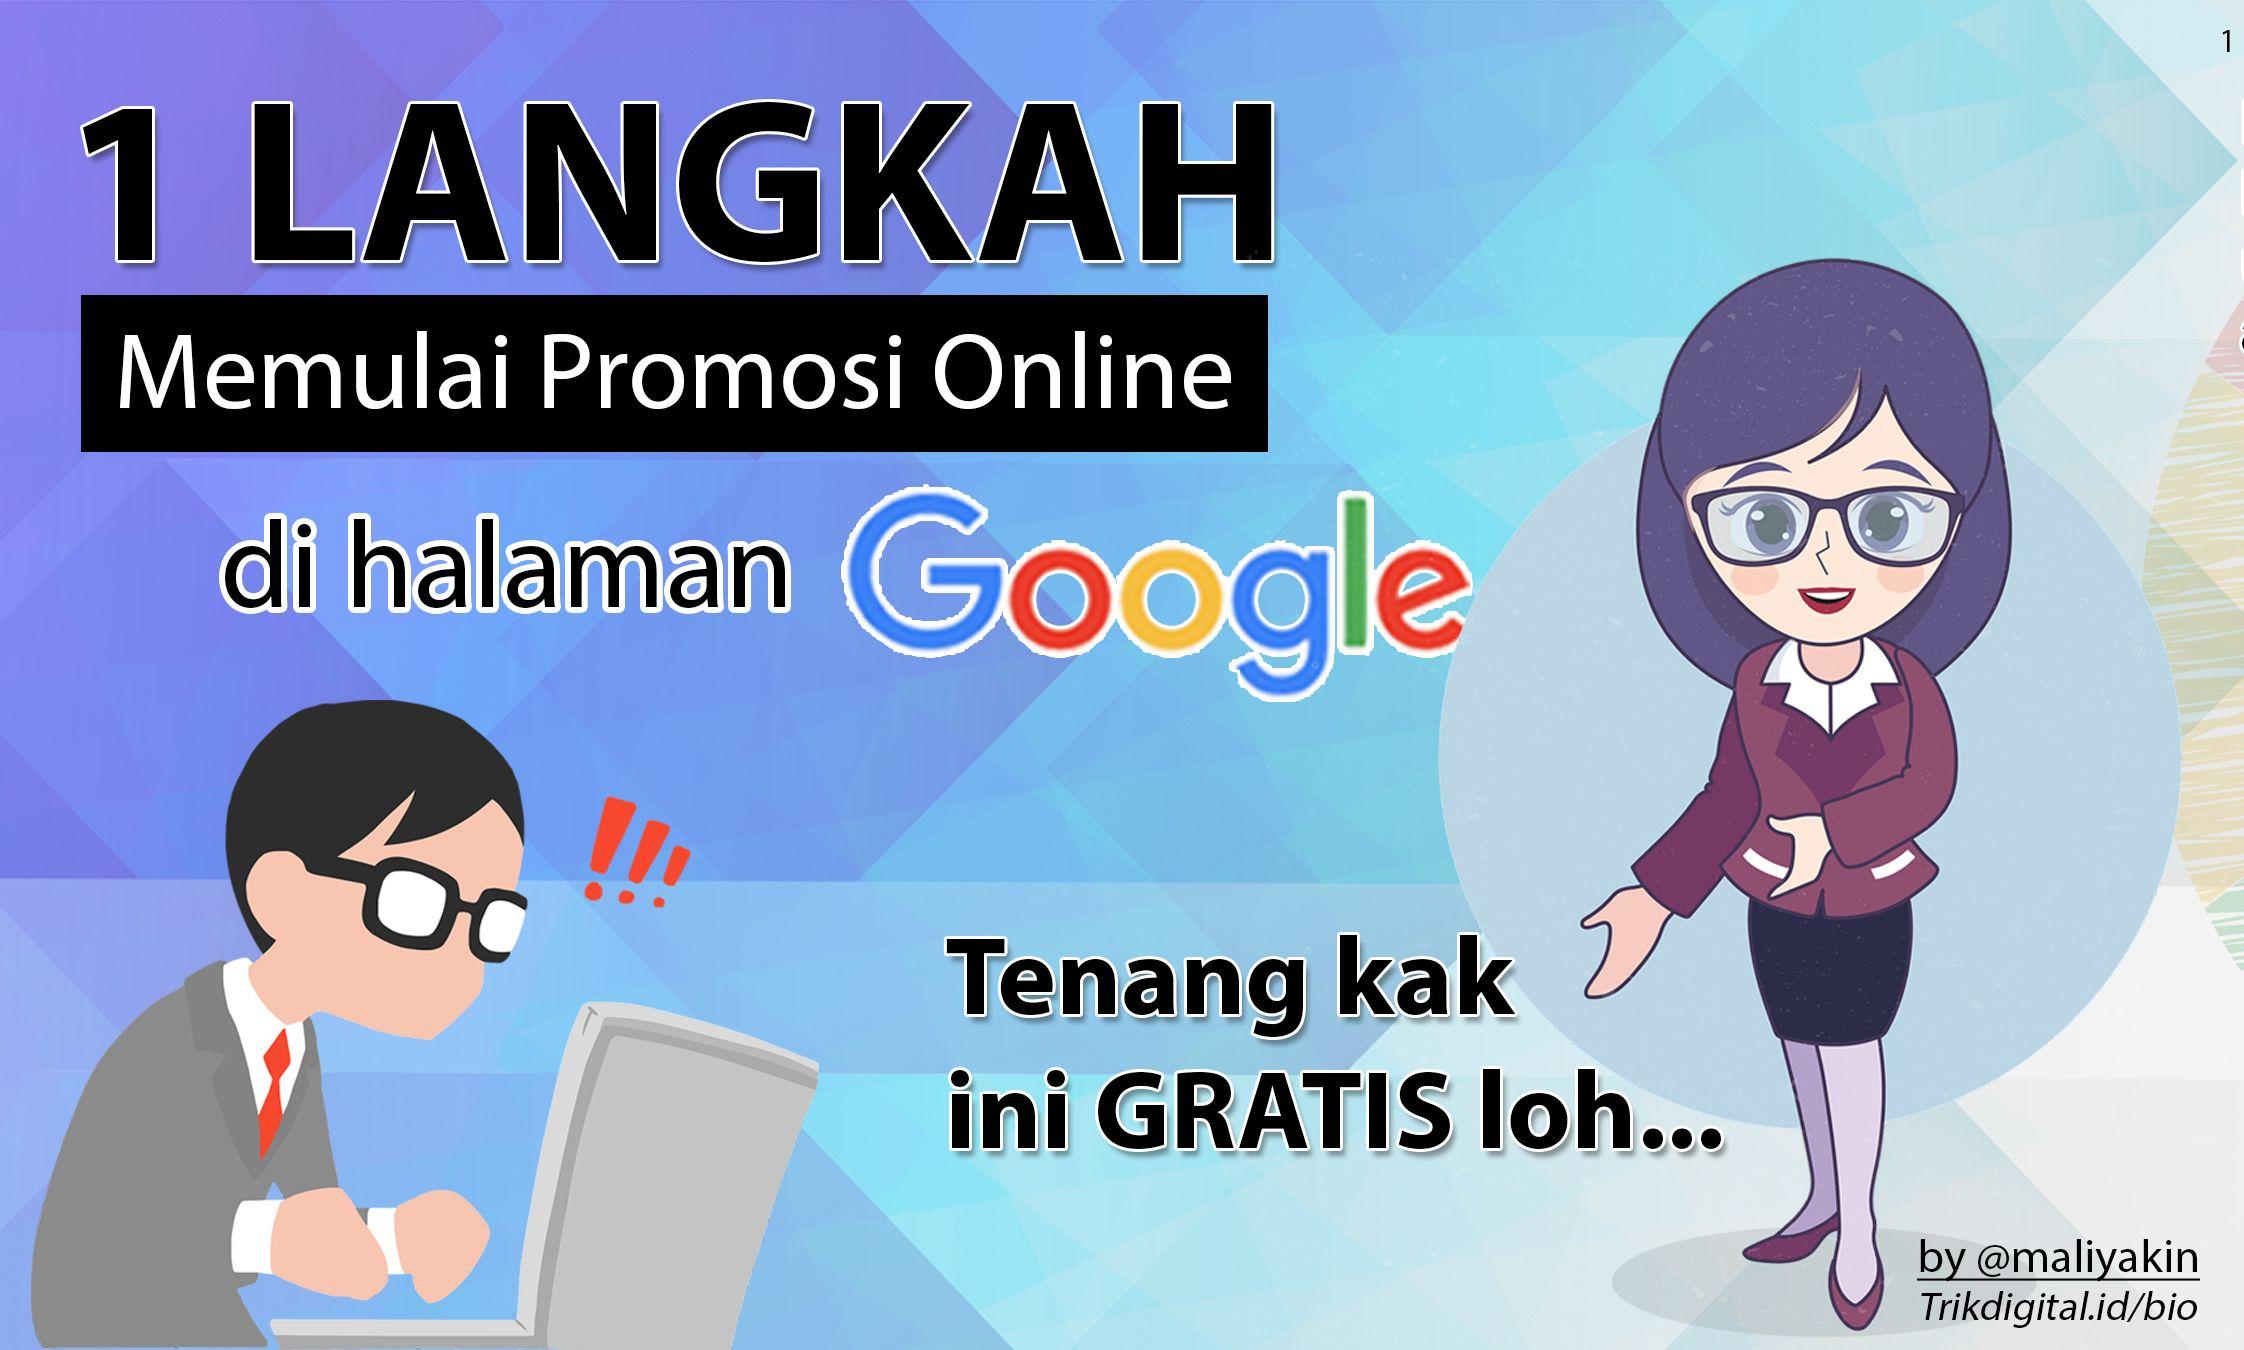 Satu Langkah Memulai Promosi Online Di Halaman Google Halaman 1 Kompasiana Com